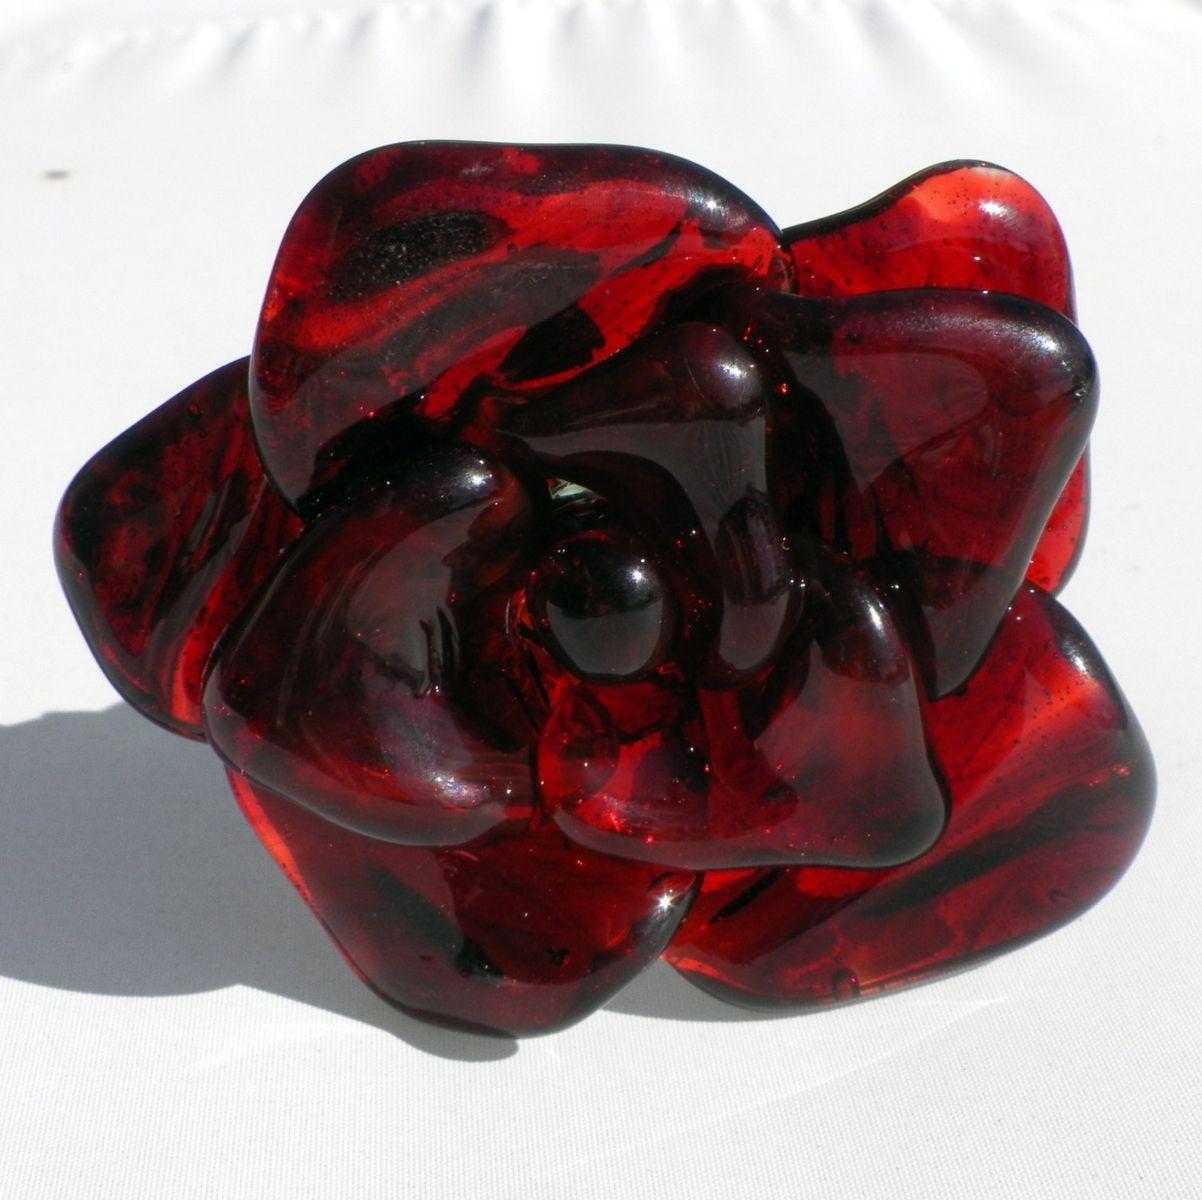 hand crafted extra large long stemmed red glass rose forever untamed rose 39 39 by untamed rose. Black Bedroom Furniture Sets. Home Design Ideas